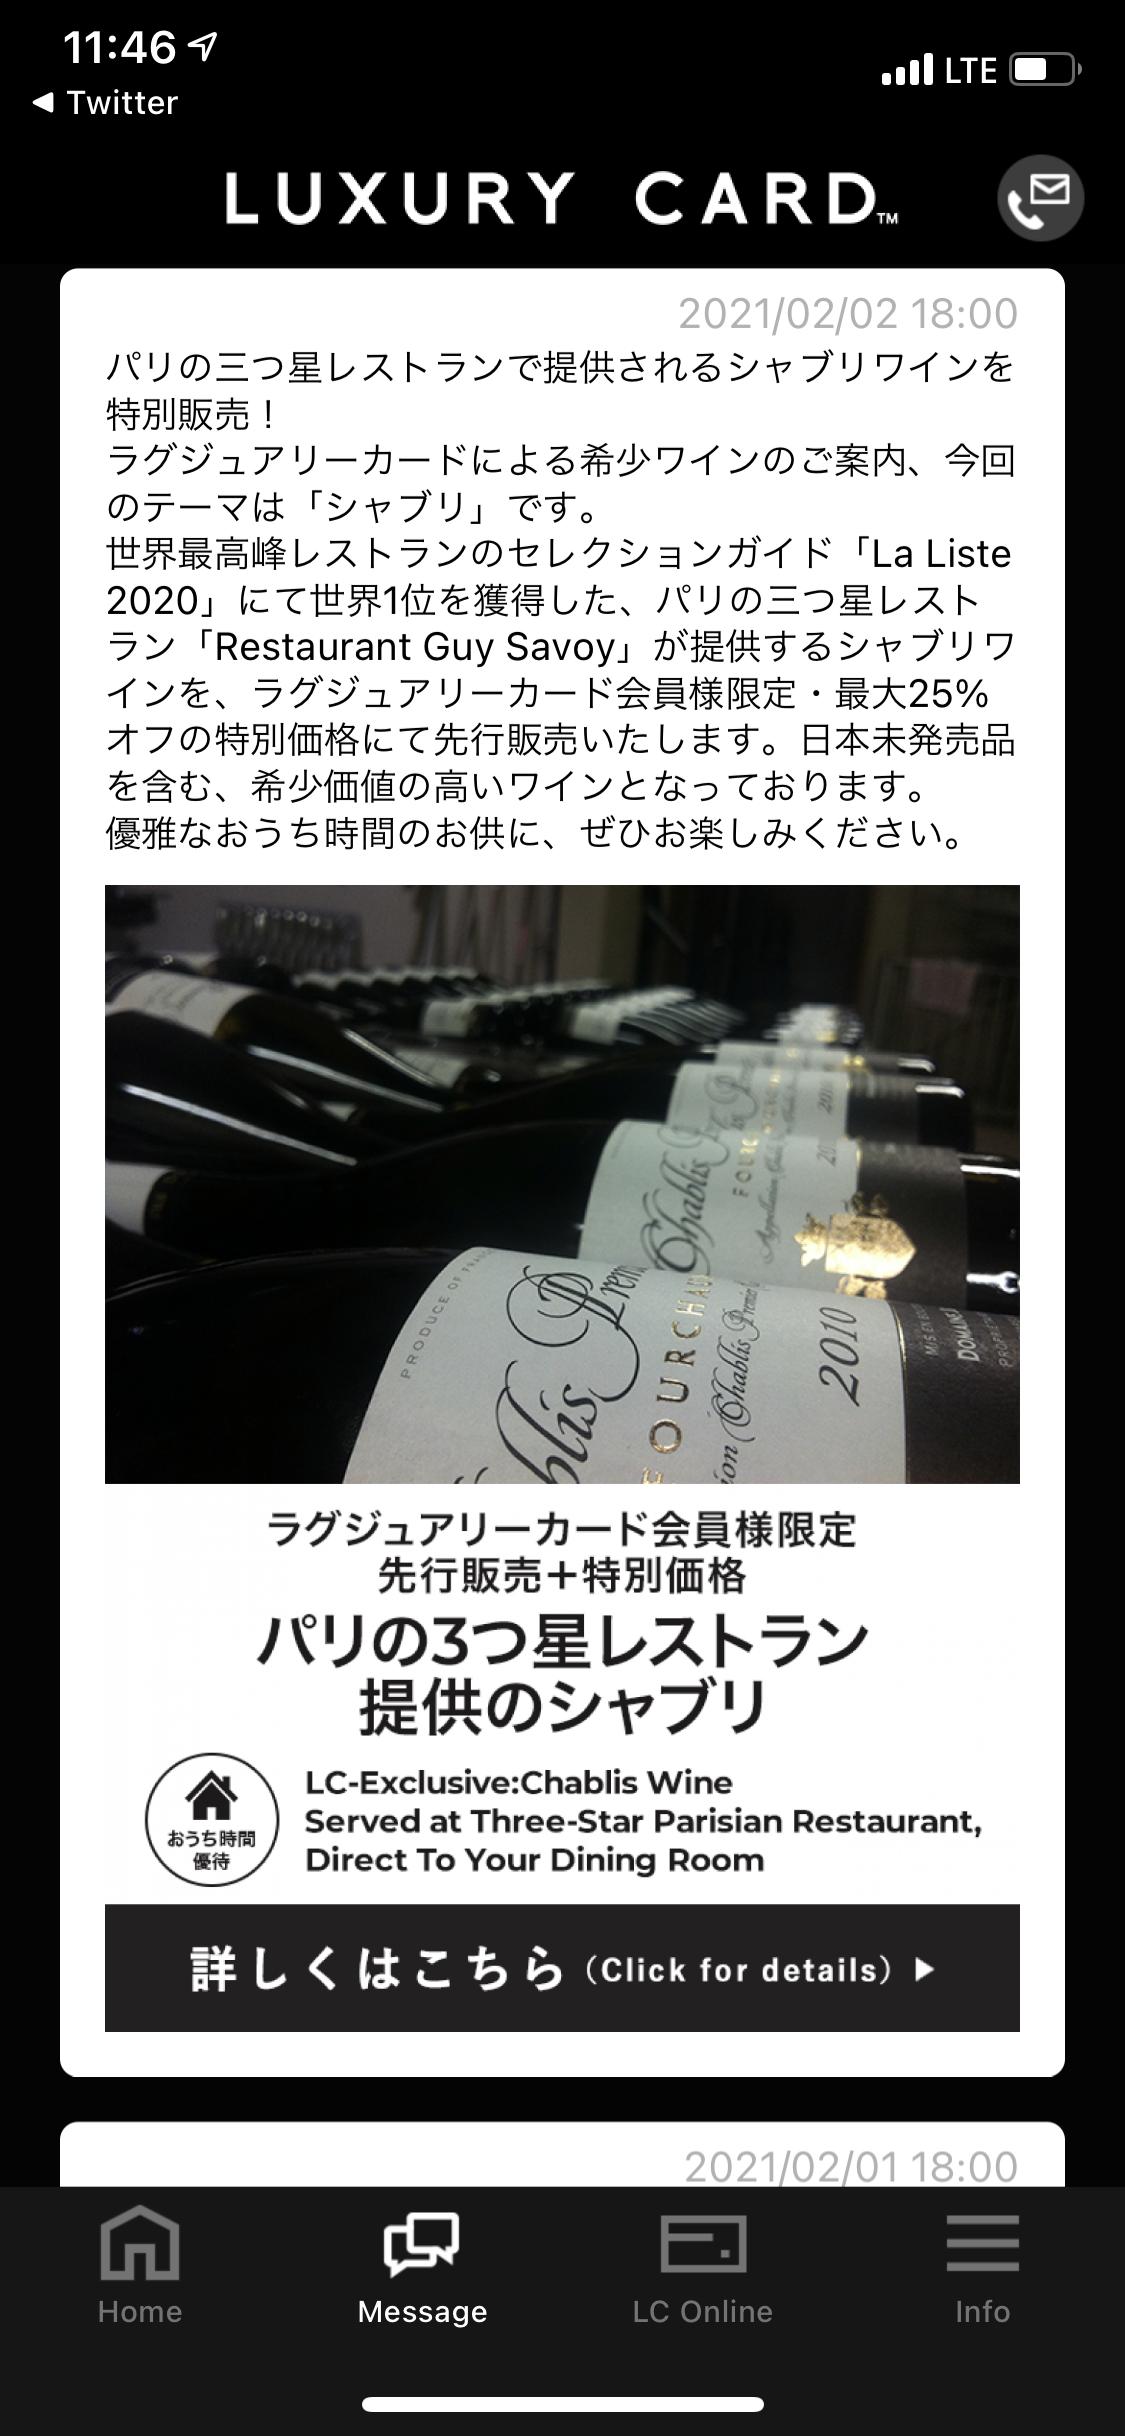 ラグジュアリーカードのパリの三ツ星レストラン提供の希少シャブリワイン優待 (4)